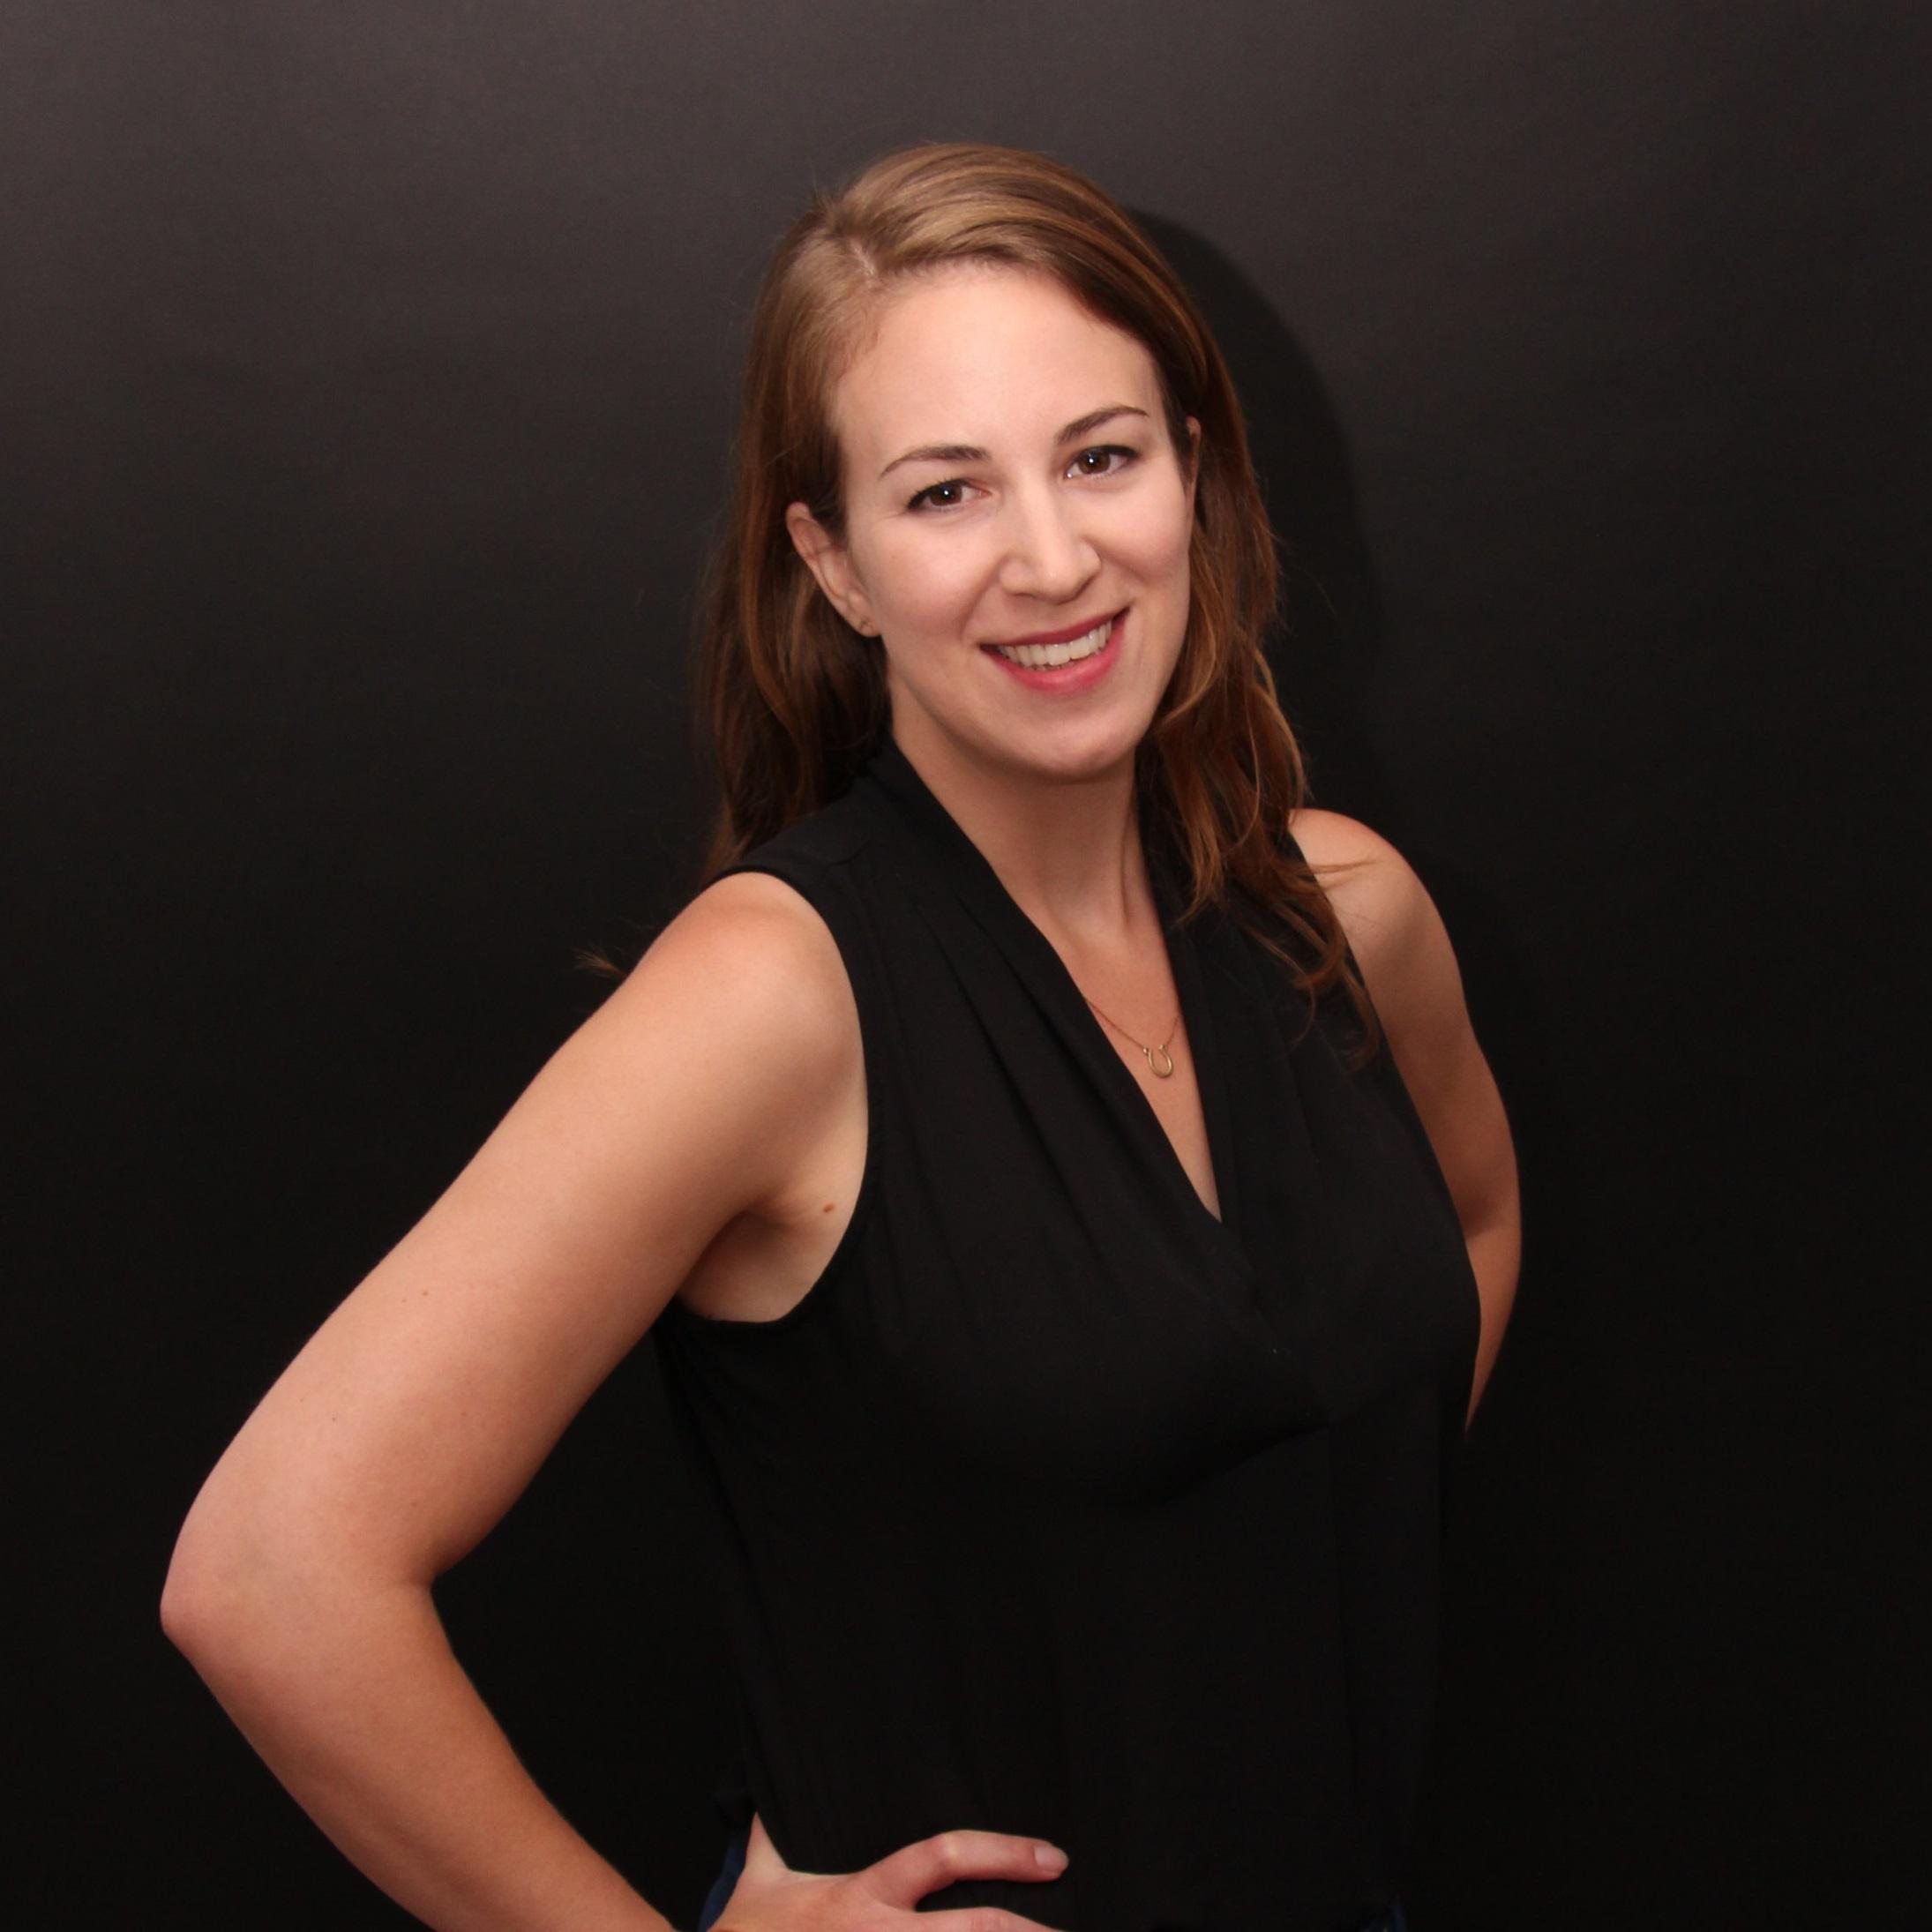 Stephanie Scott - Senior Strategist